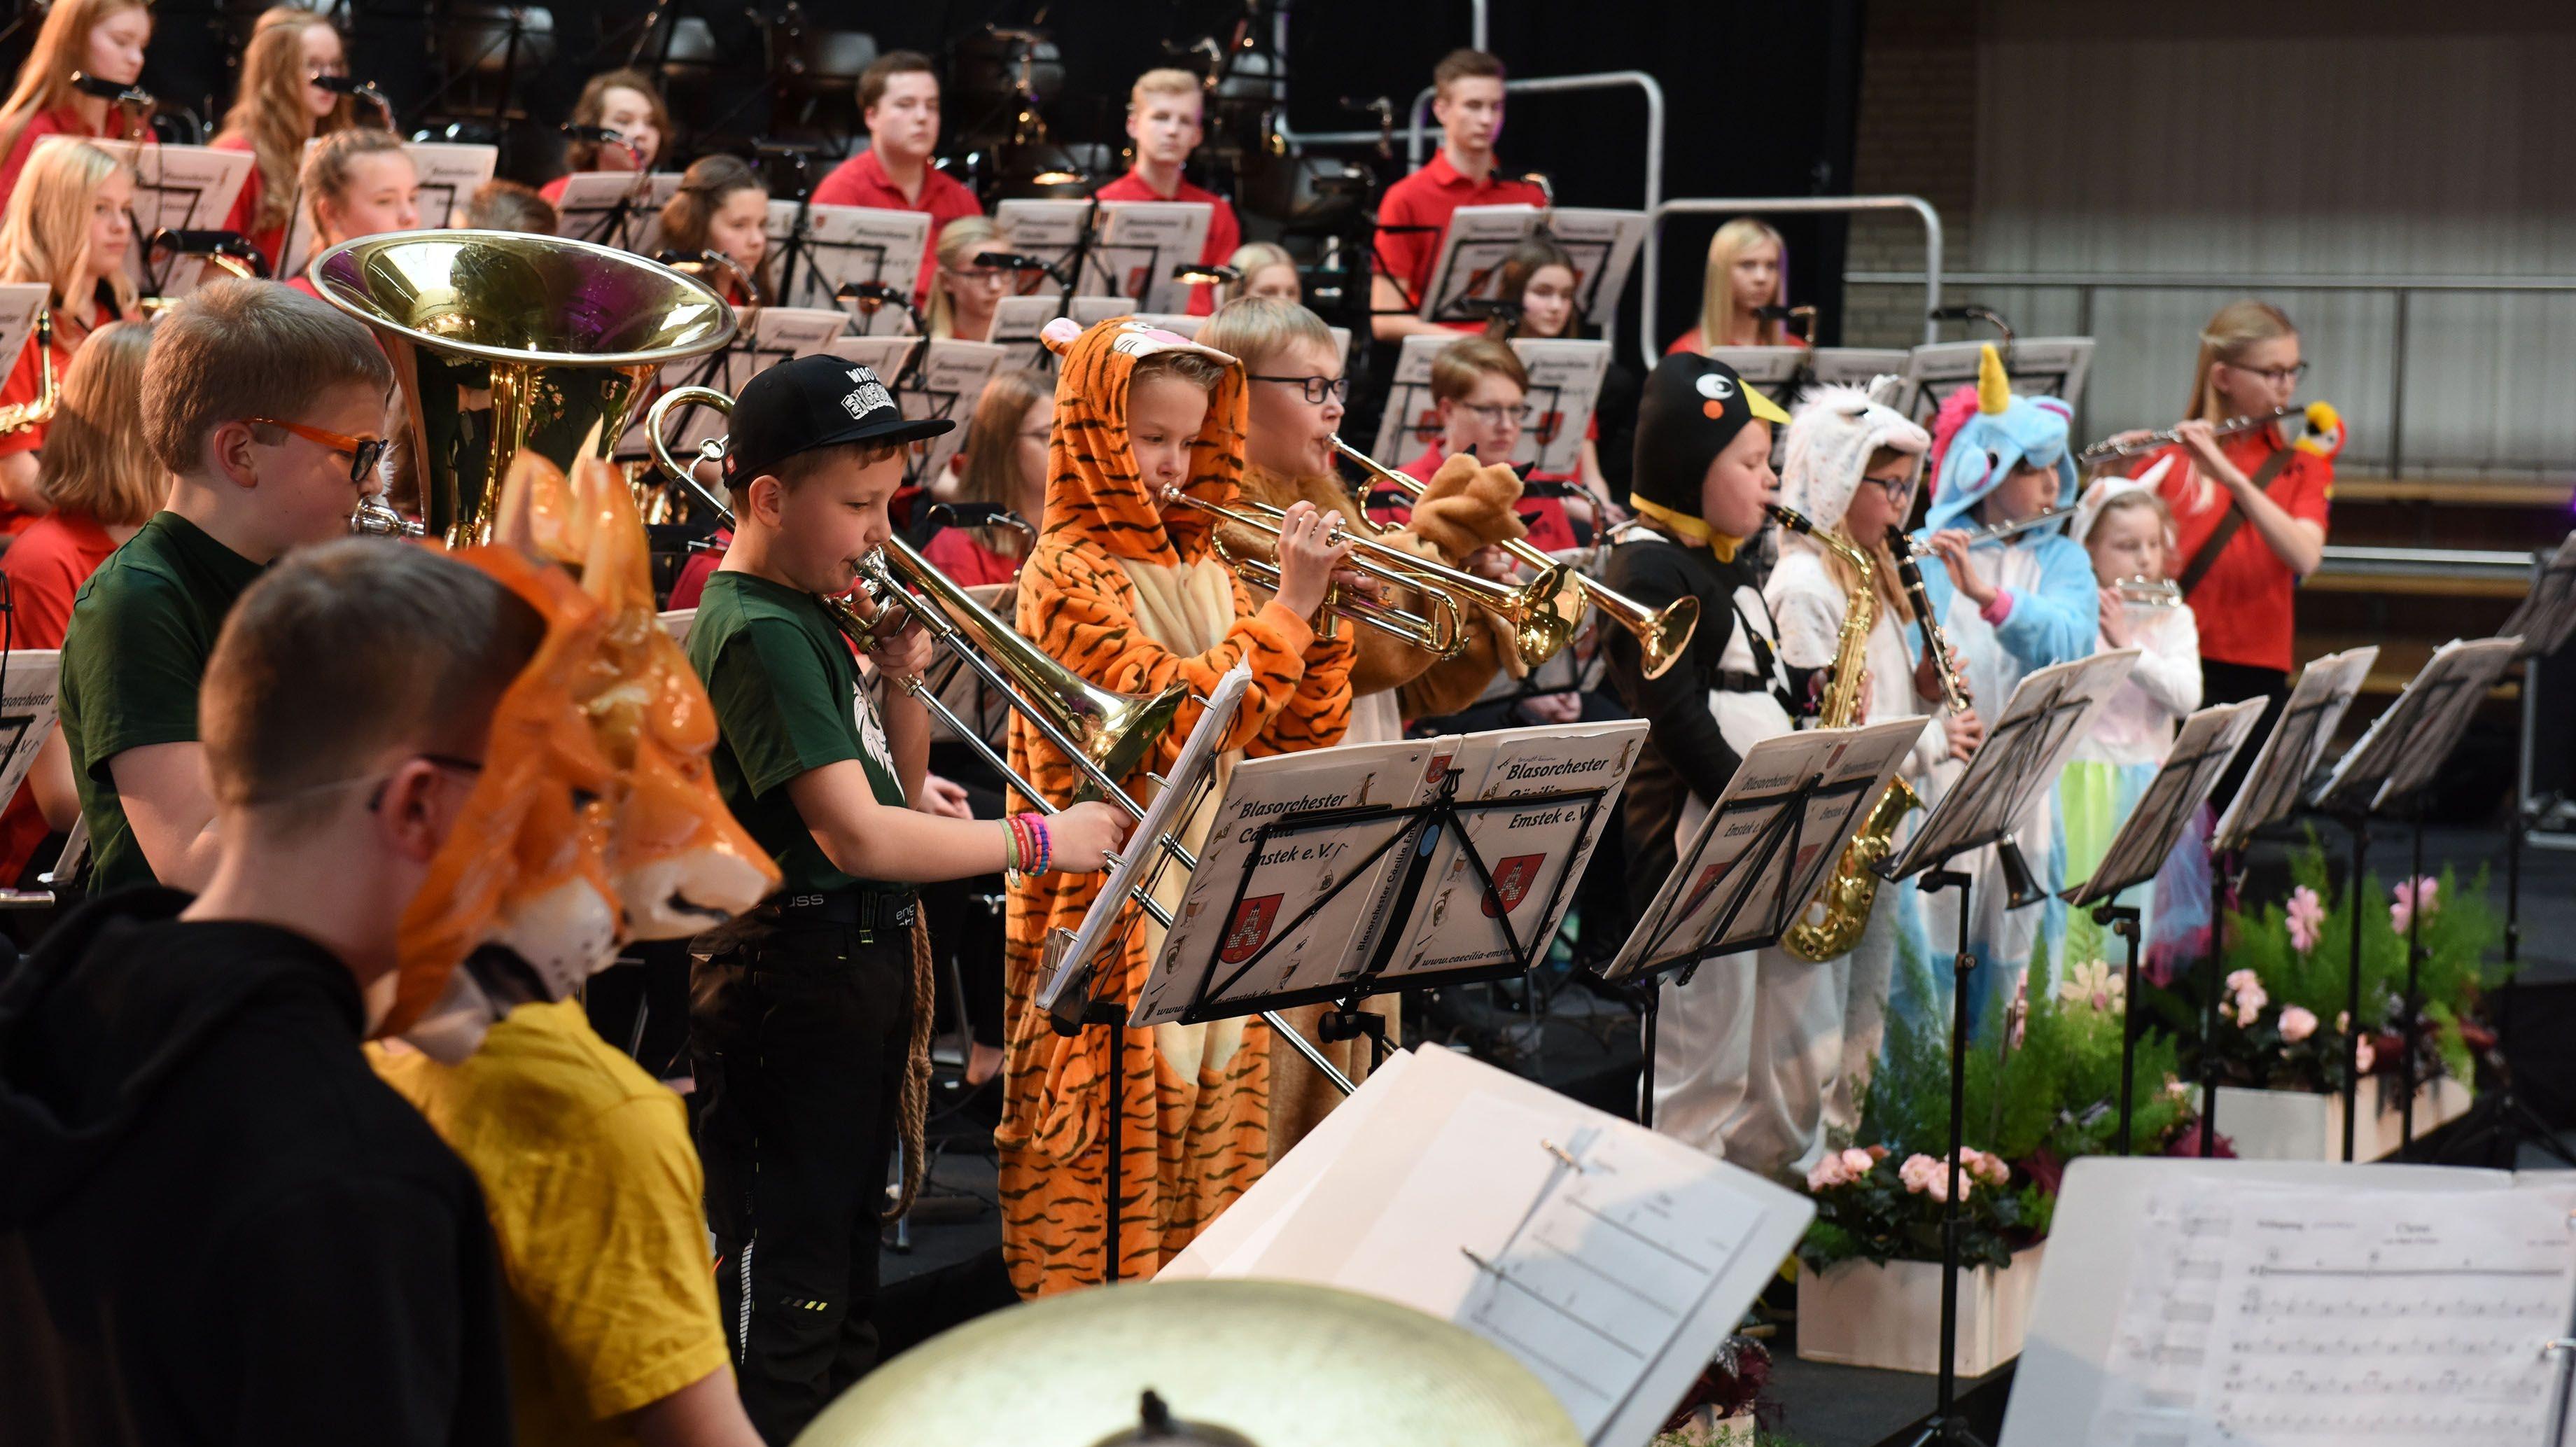 Erster Auftritt: Für das Vorstufenorchester ist es ein ganz besonderes Erlebnis, vor über 400 Zuhörern zu spielen. Archivfoto: Thomas Vorwerk